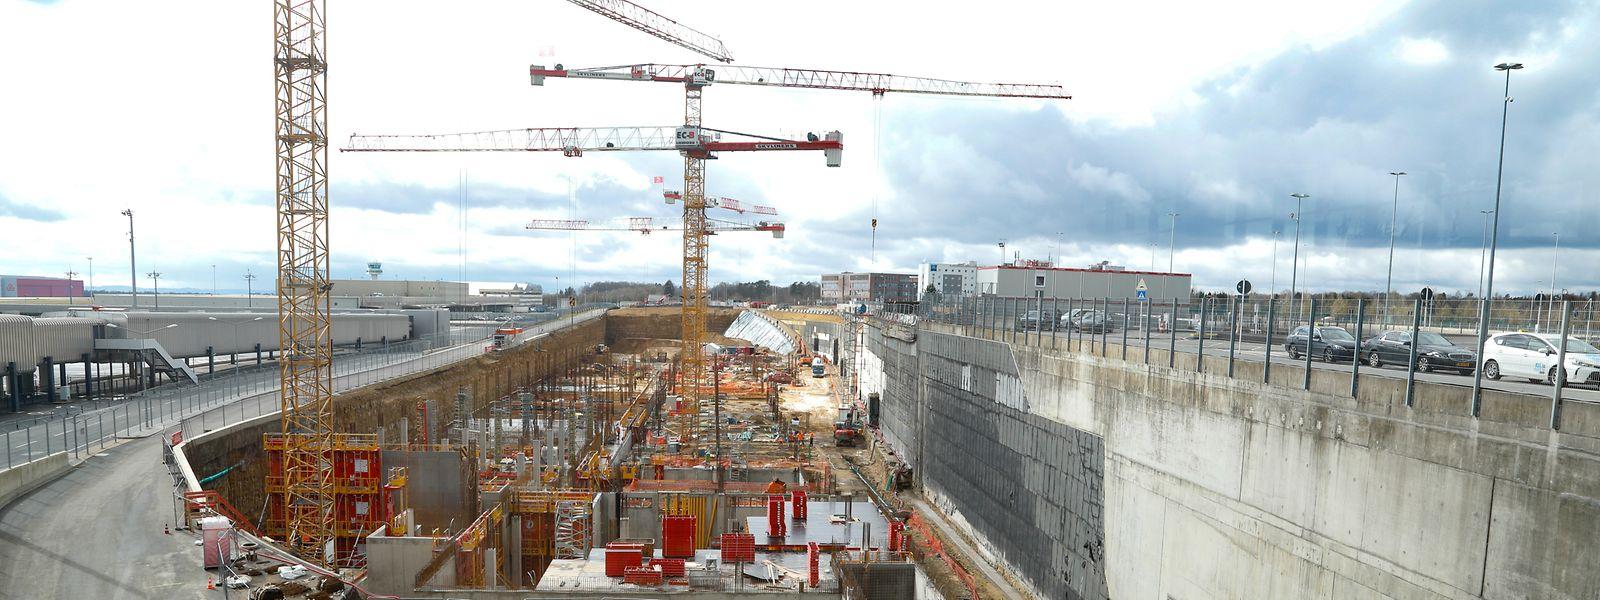 Bis Ende 2022 soll der Rohbau des Büro- und Geschäftskomplexes fertiggestellt sein und der Innenausbau beginnen.